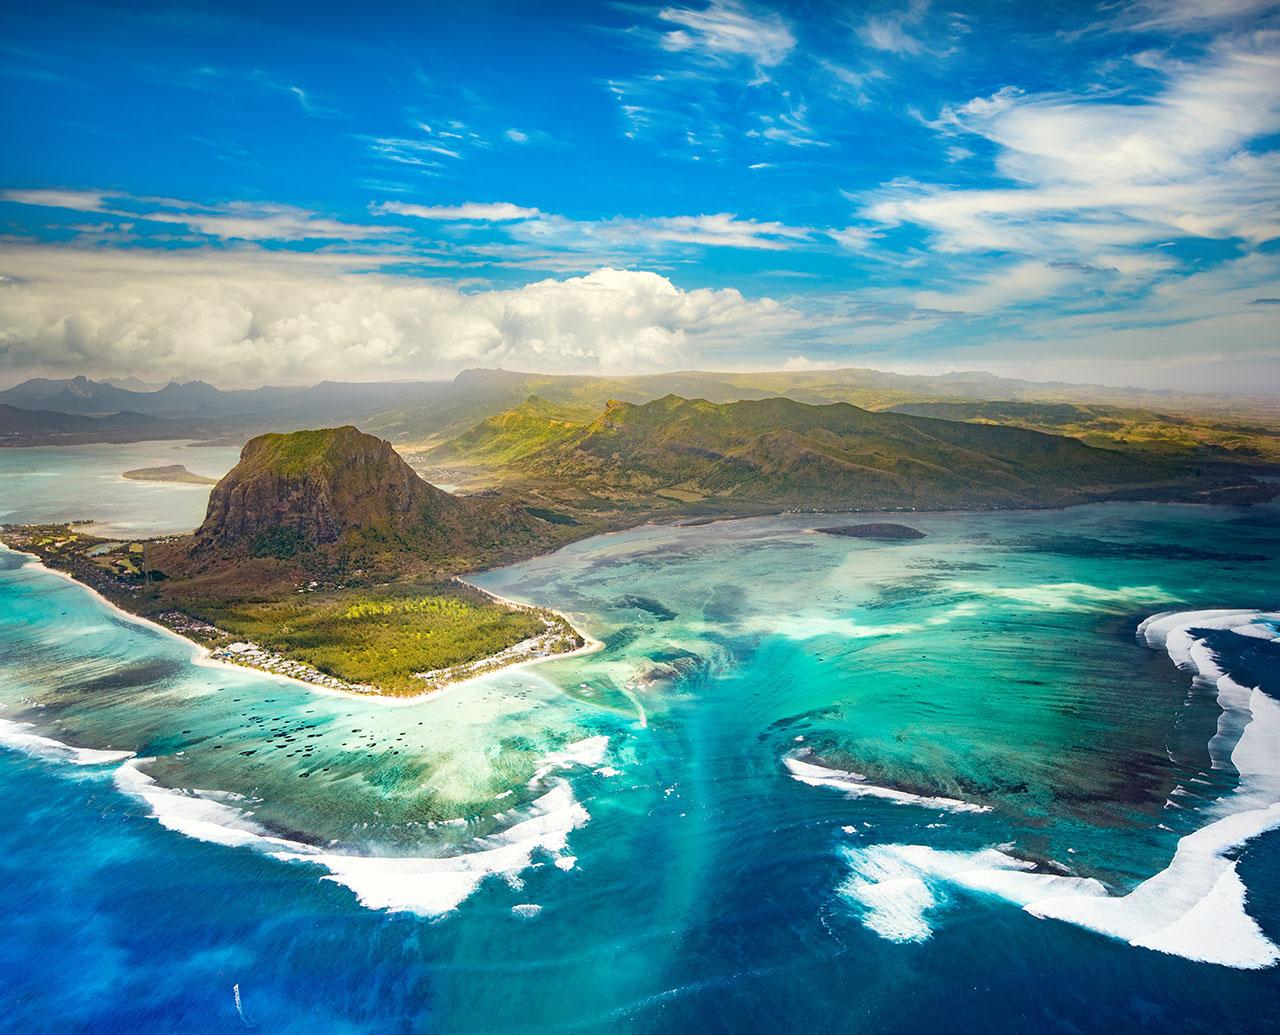 Z czego słynie Mauritius?